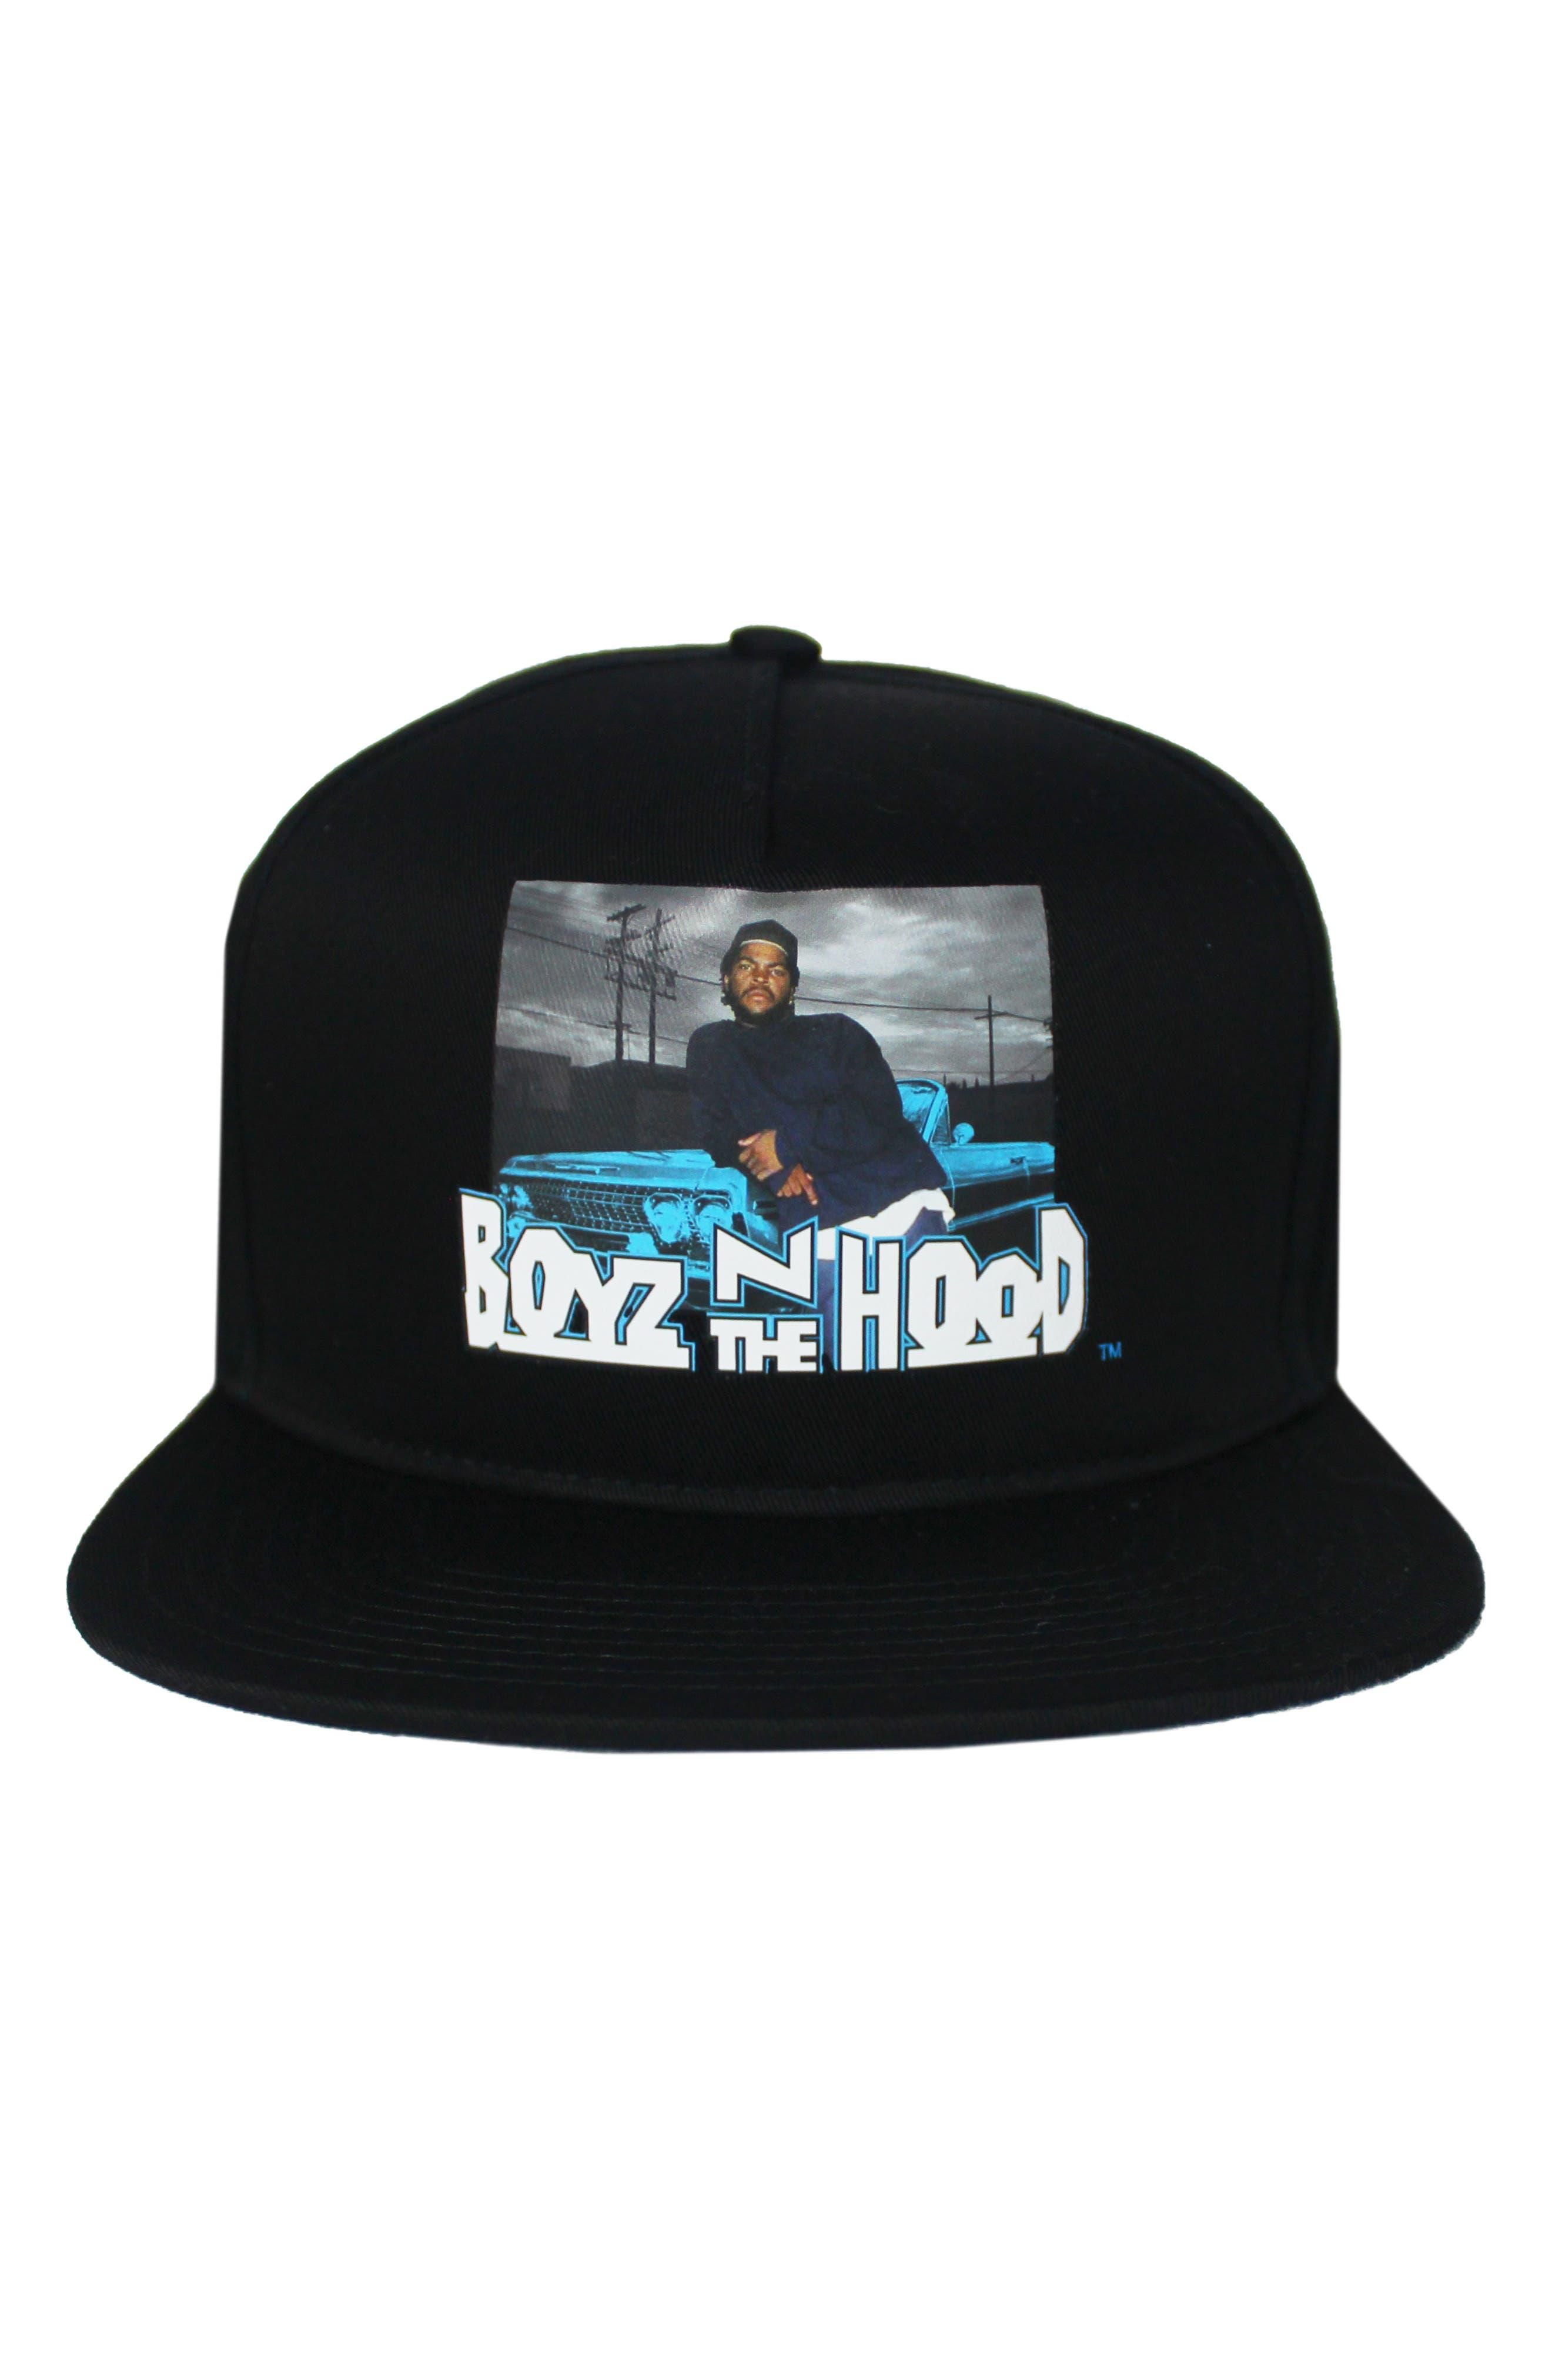 'Boyz N The Hood' Impala Blues Baseball Cap